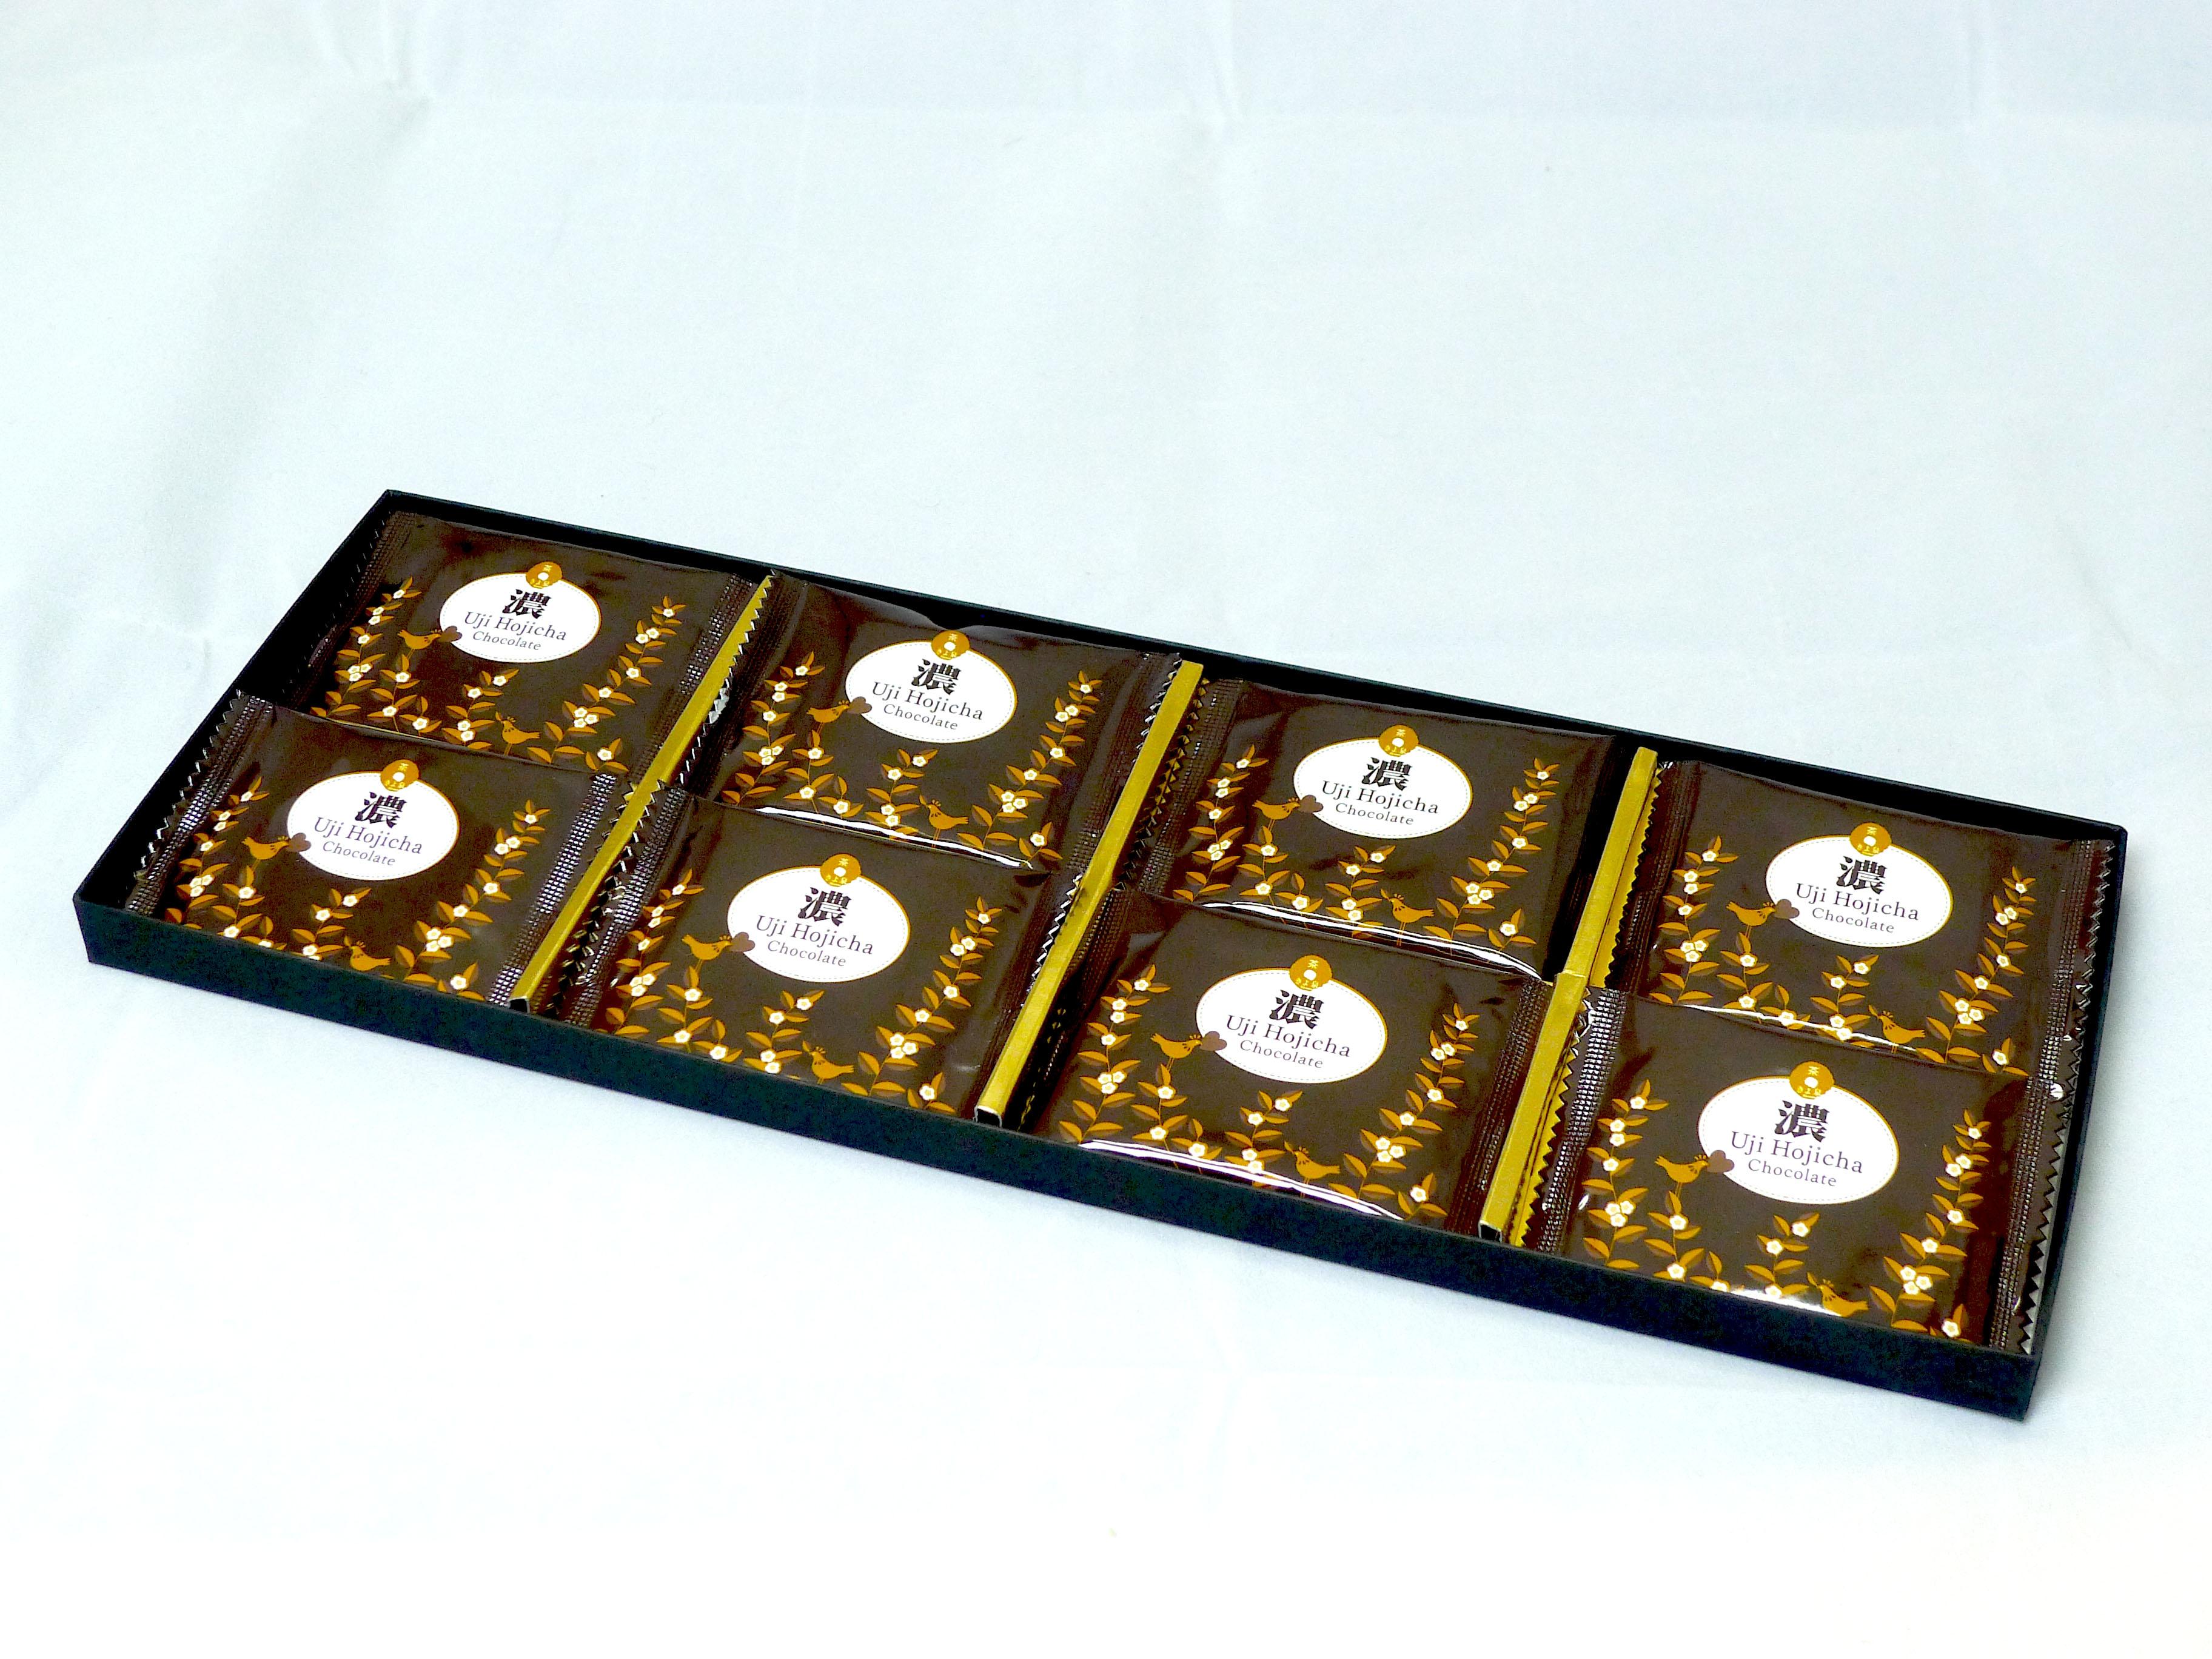 宇治ほうじ茶チョコレート【濃】8枚入り ハイグレード